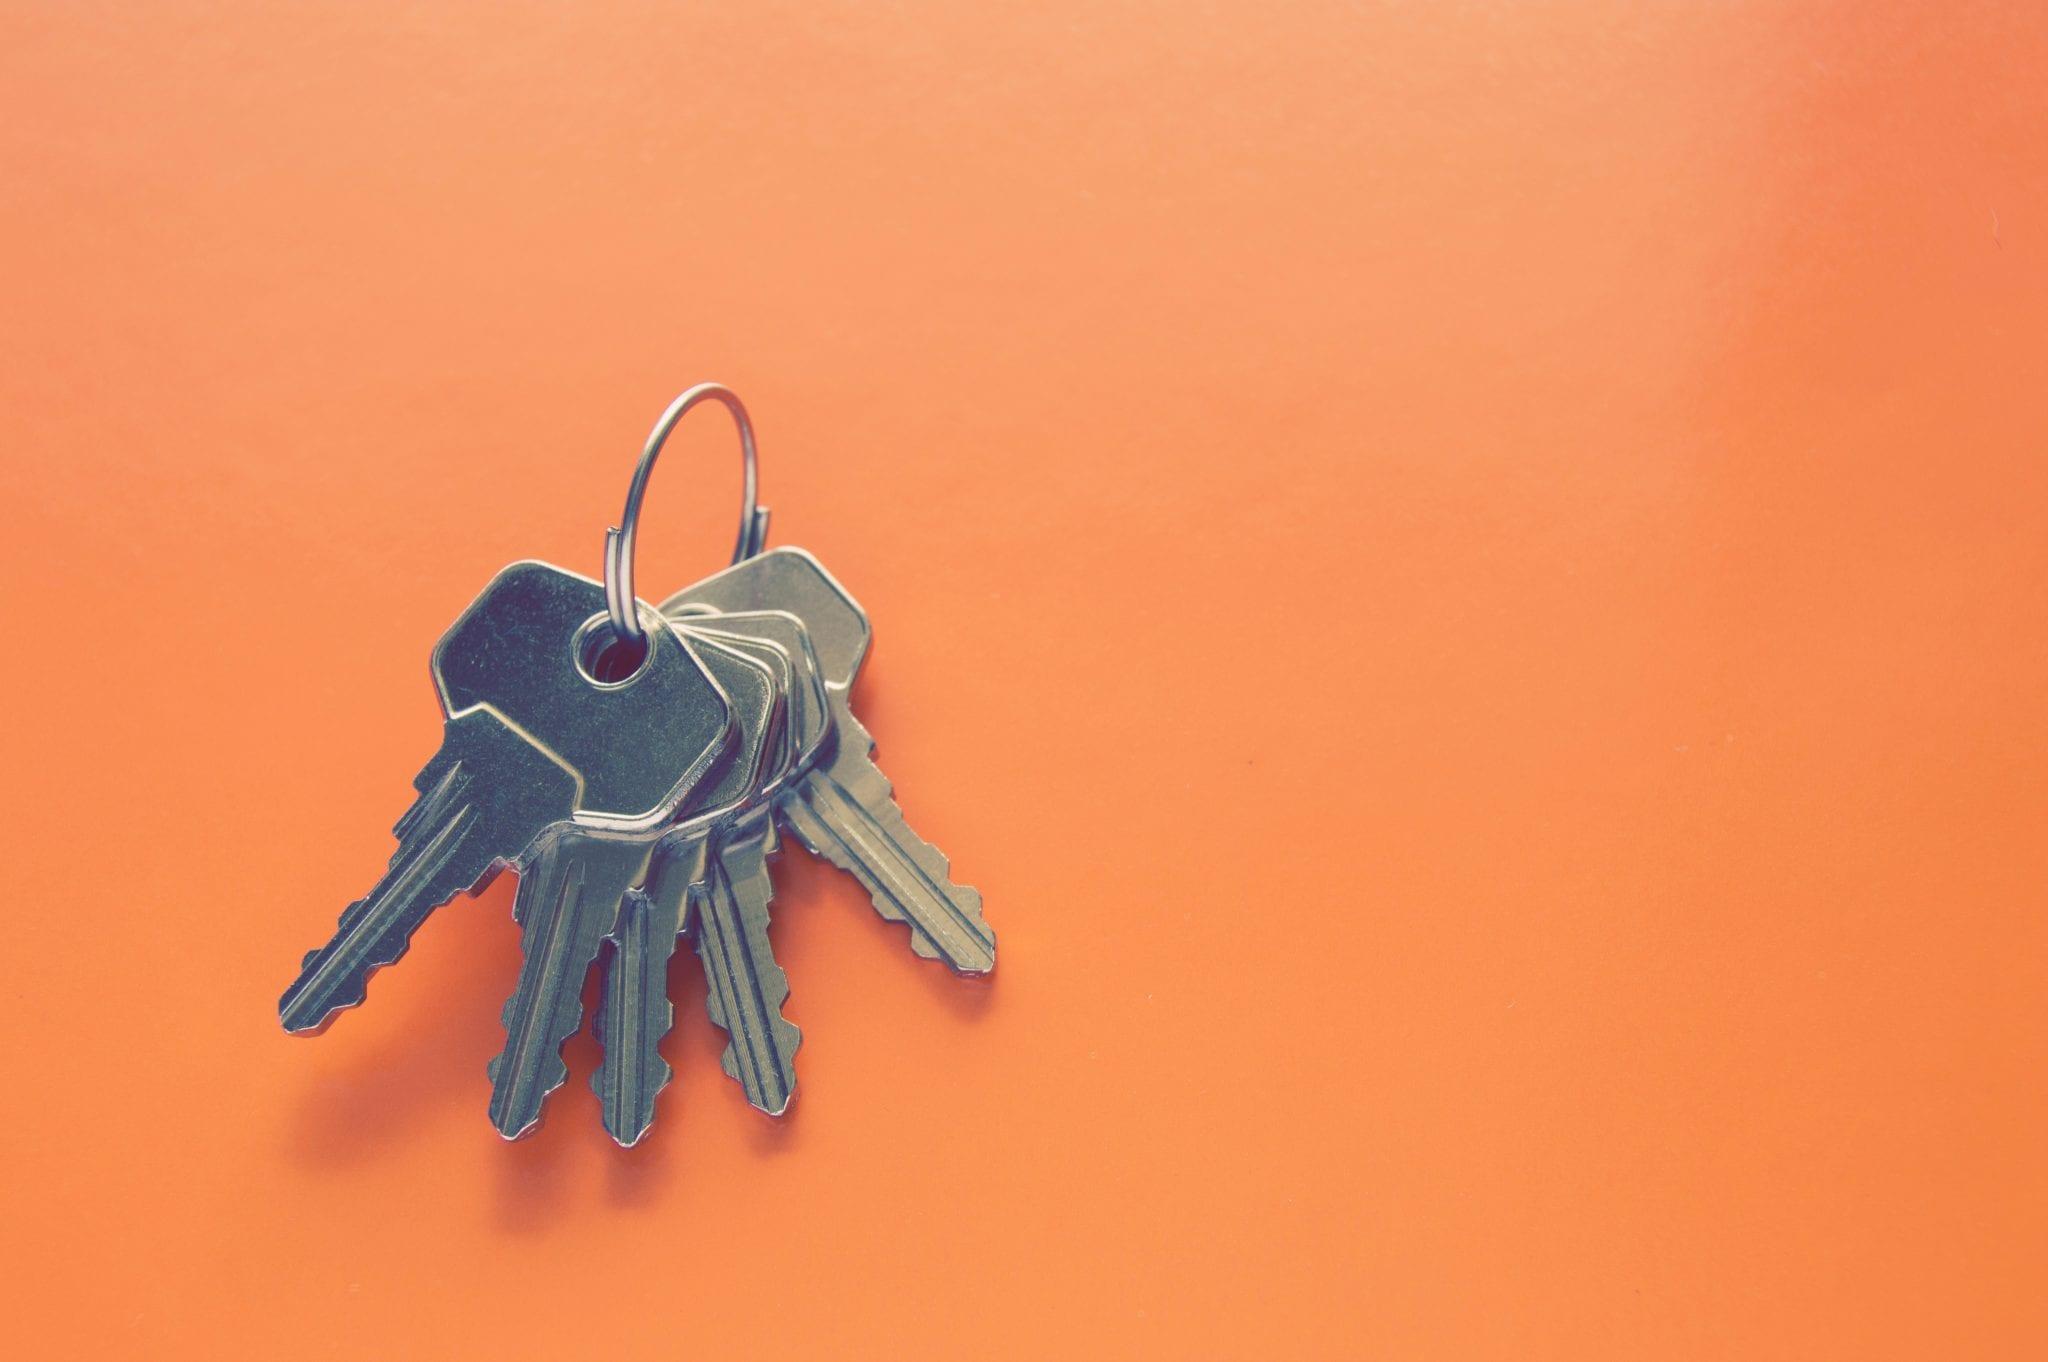 Le mandat de recherche immobilière